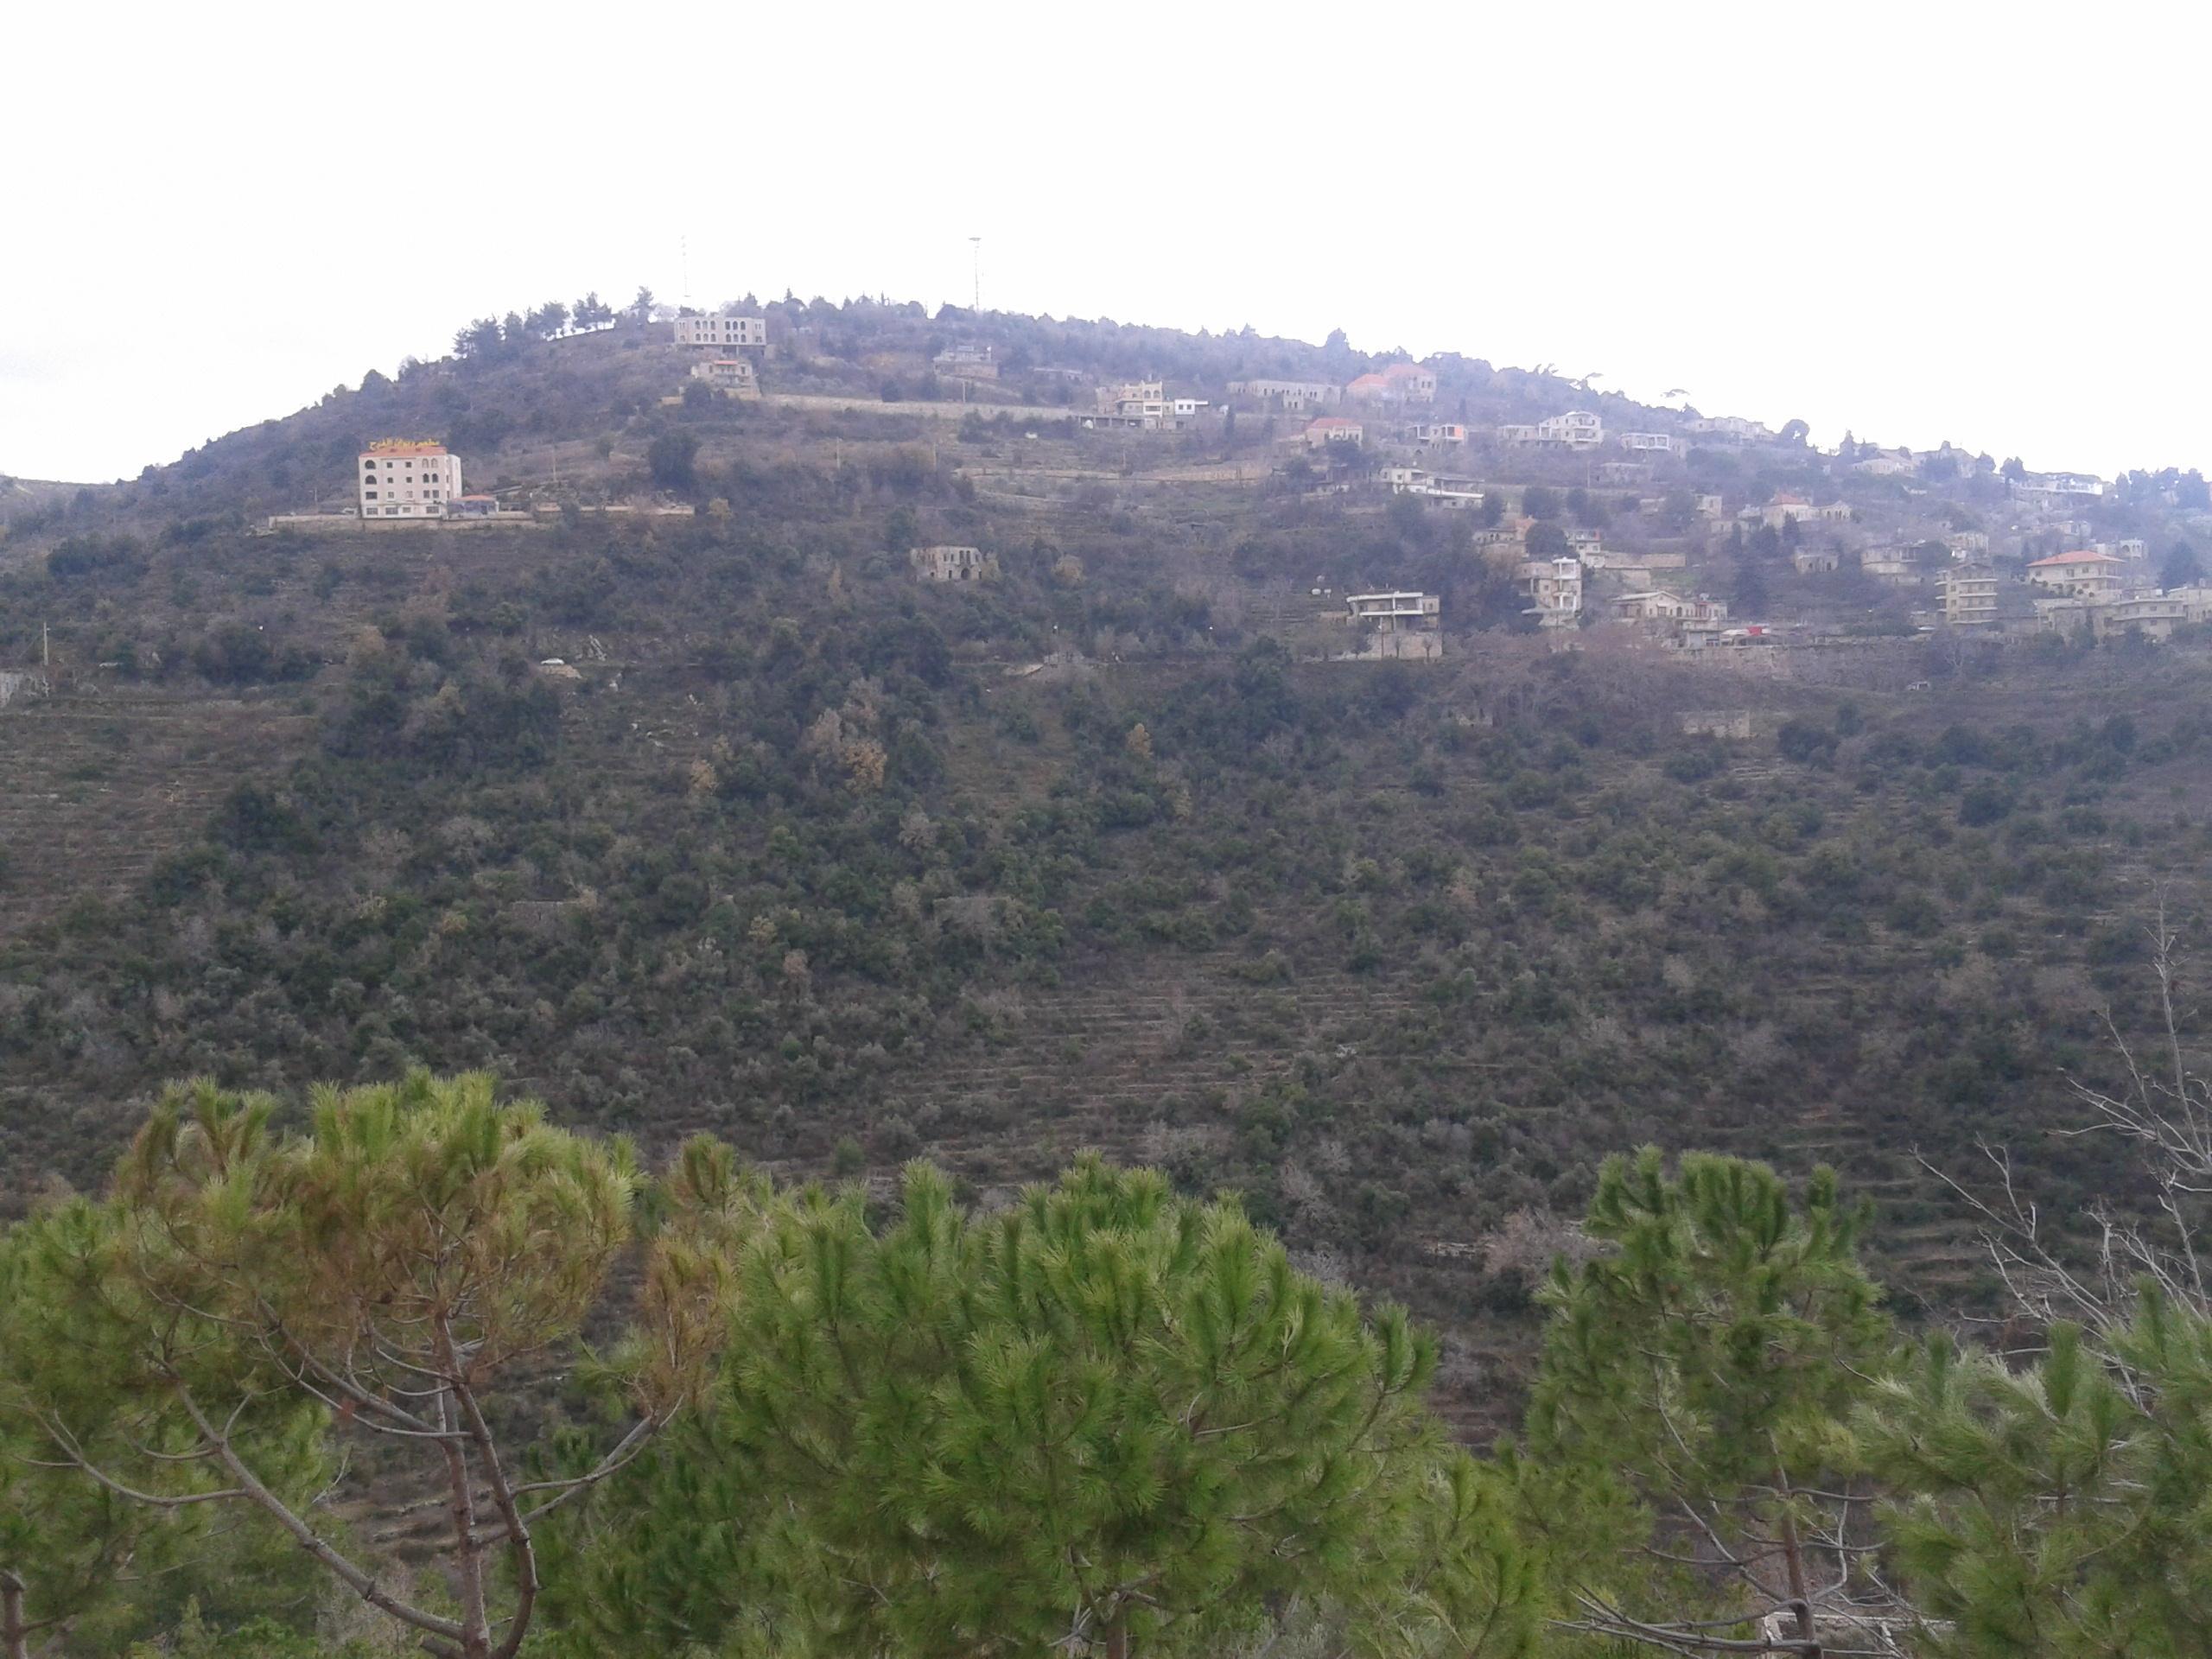 حرانه لانه ولا شيء البرودة قدام لبنان خخخخ بس حجم